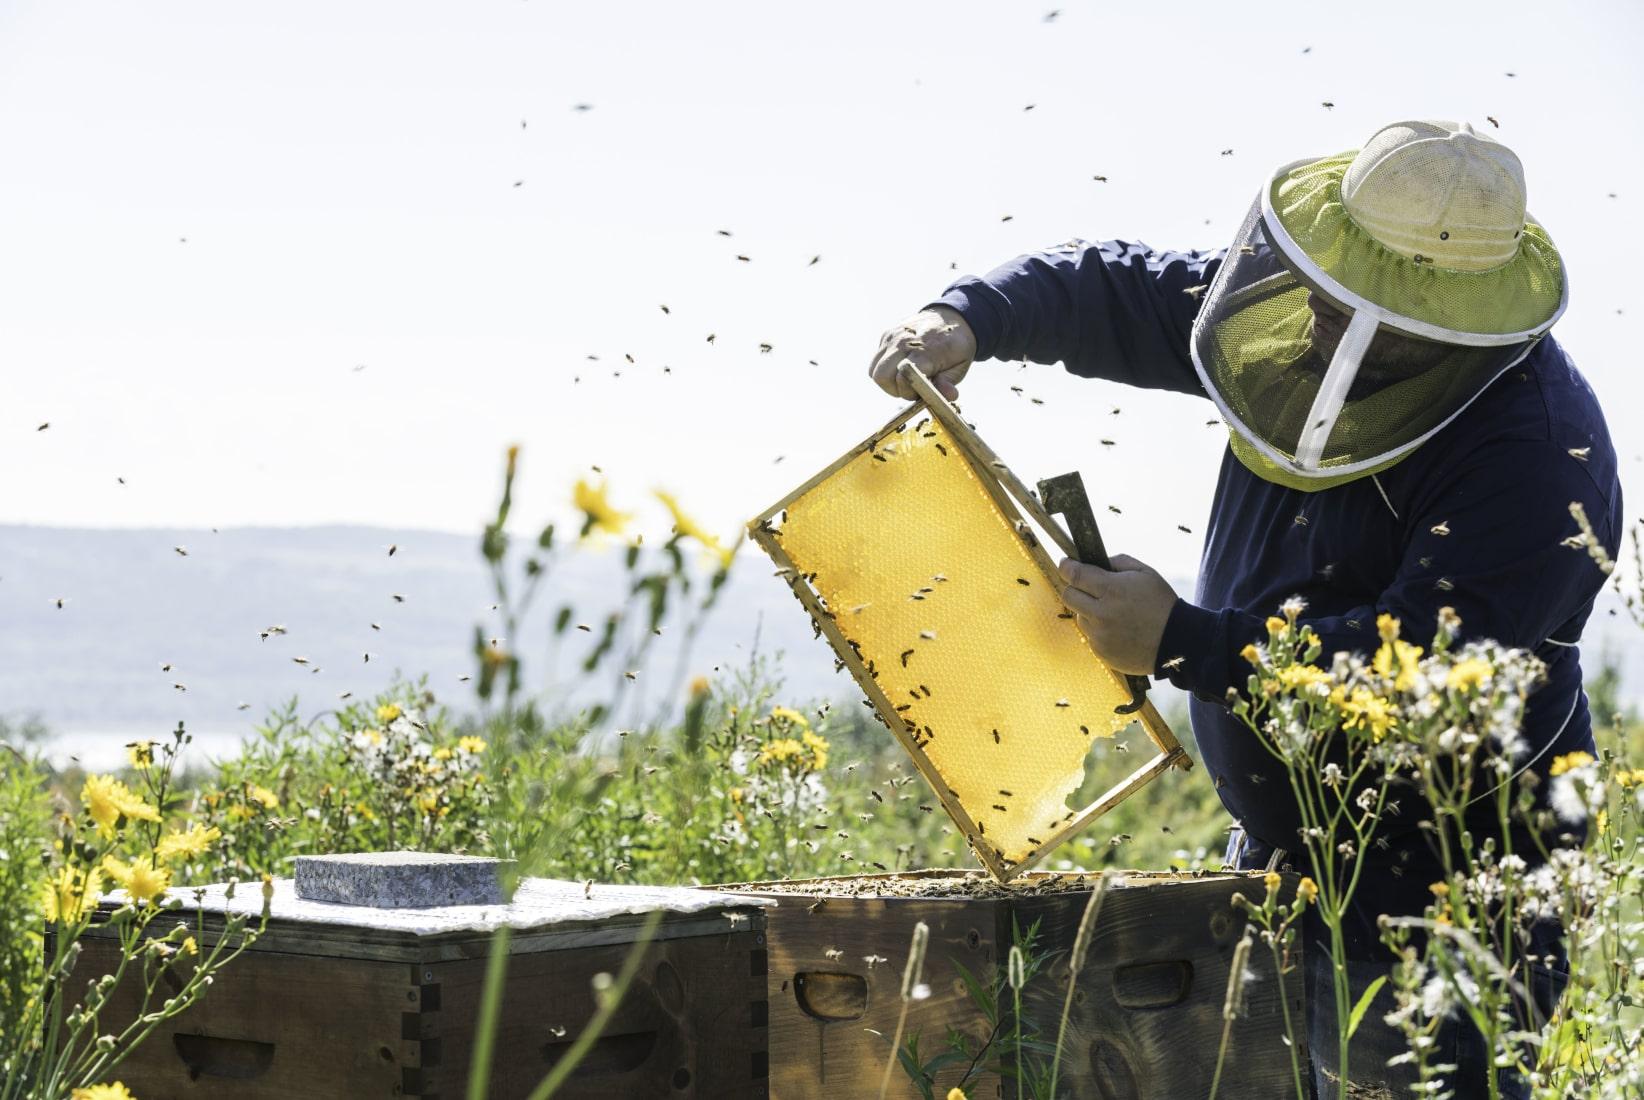 Beekeeper harvesting honey from bees